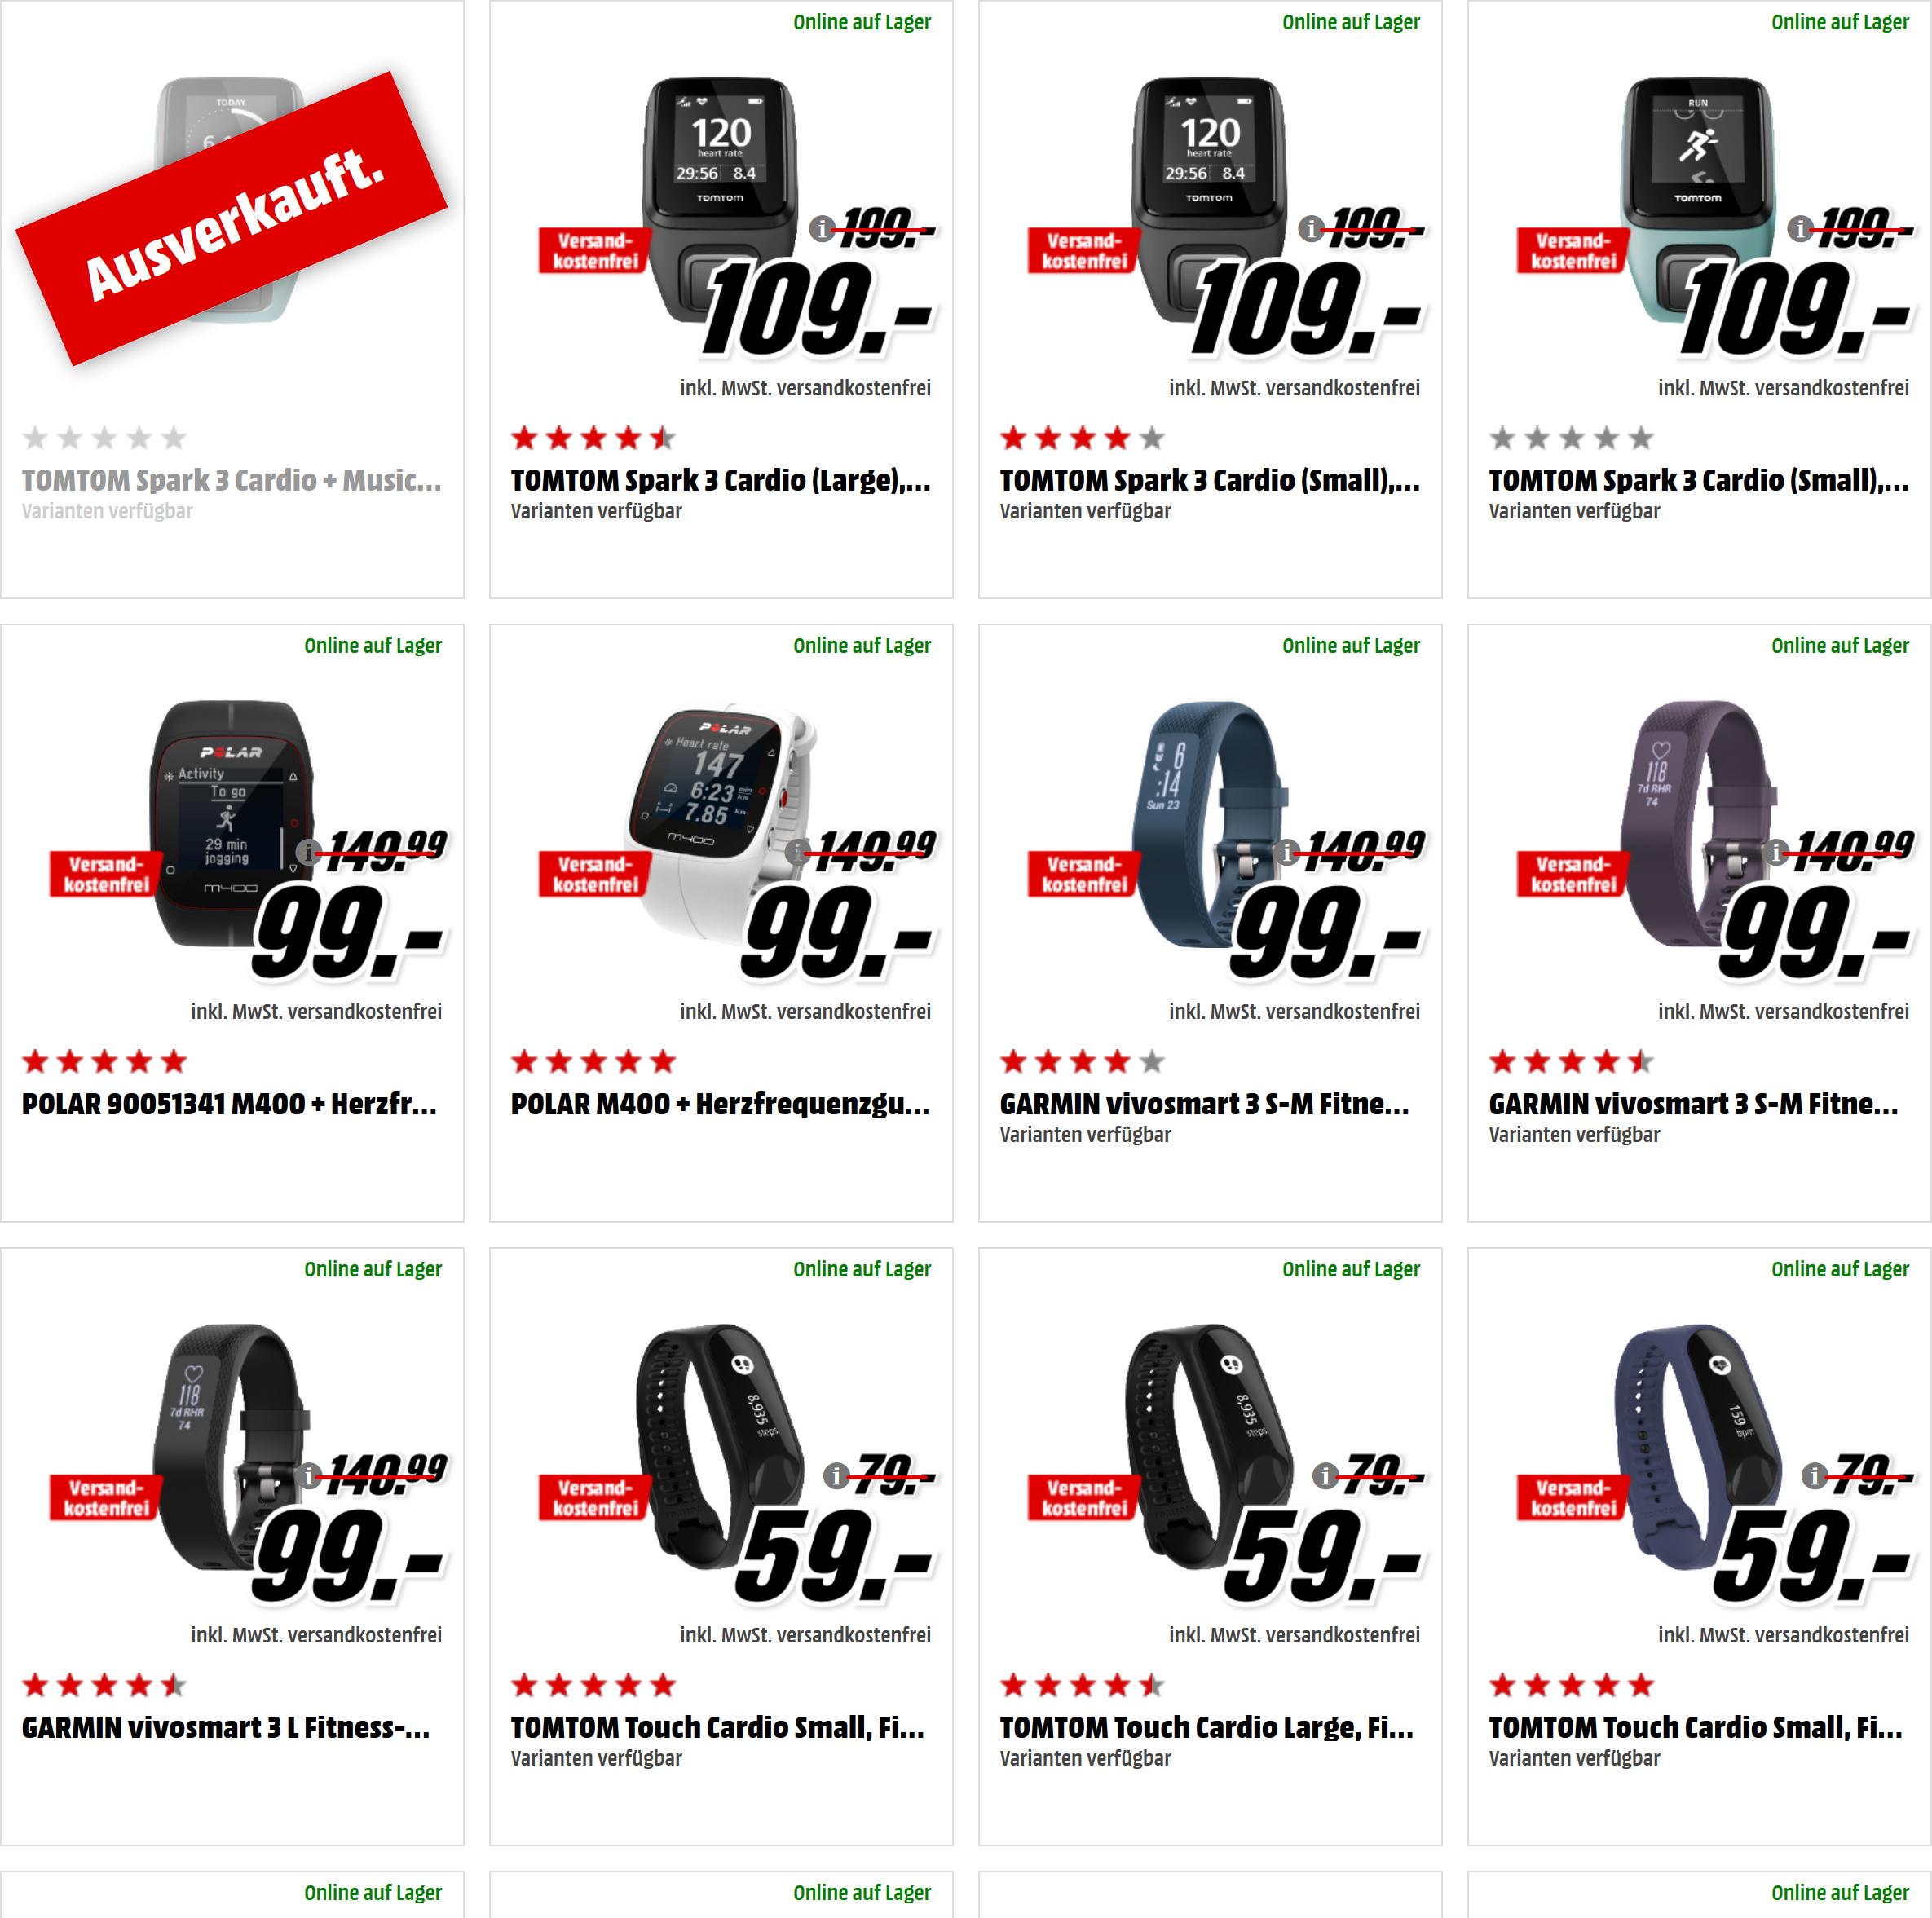 Outdoor-Produkte bei [Mediamarkt] - z.B. Sony SWR 10 Smartband für 15€, Fitbit Charge HR für 35€ & Sony SWR 30 Talkband für 39€